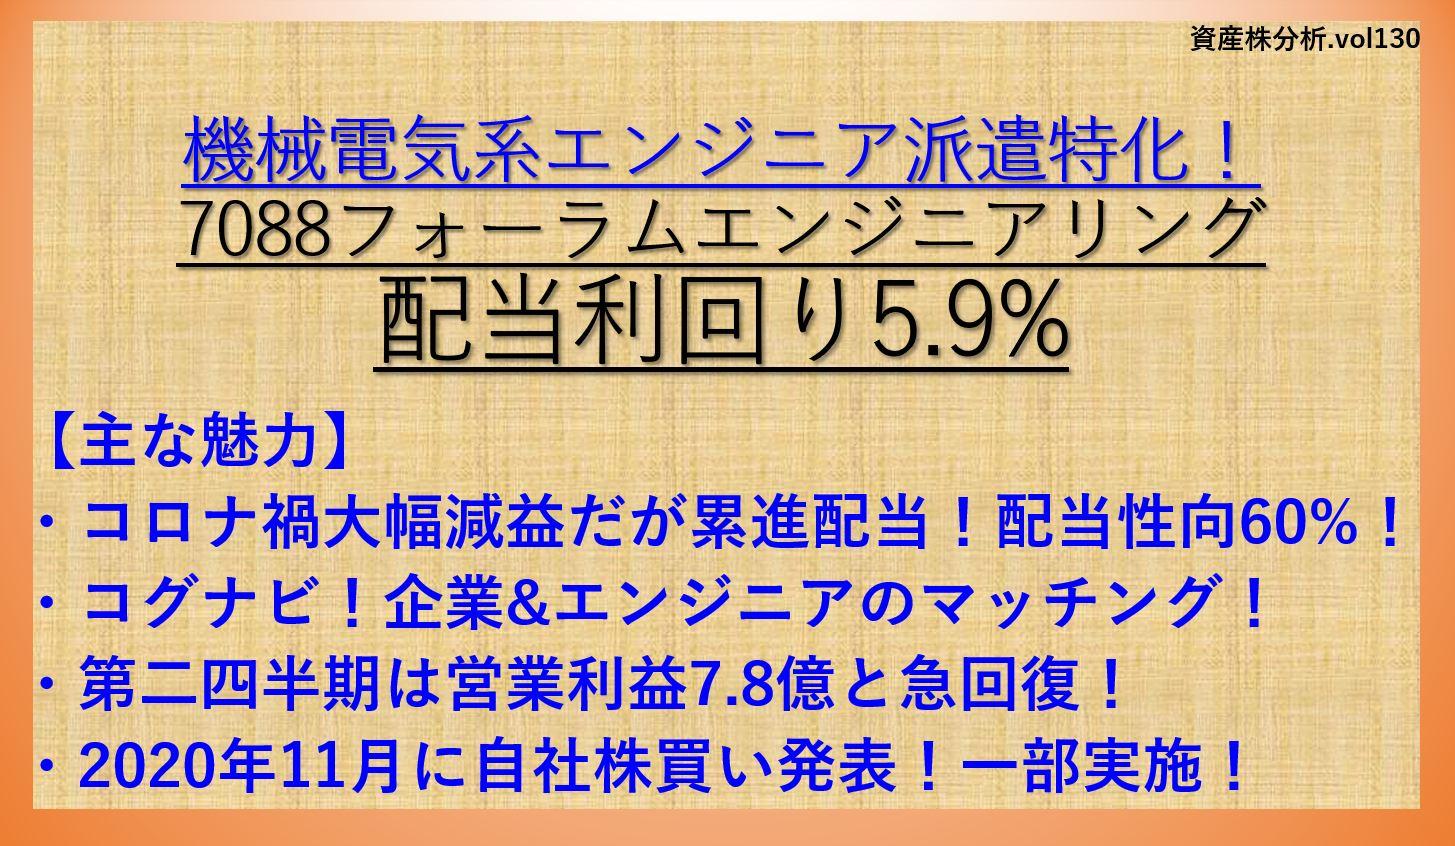 フォーラムエンジニアリング-7088-資産株